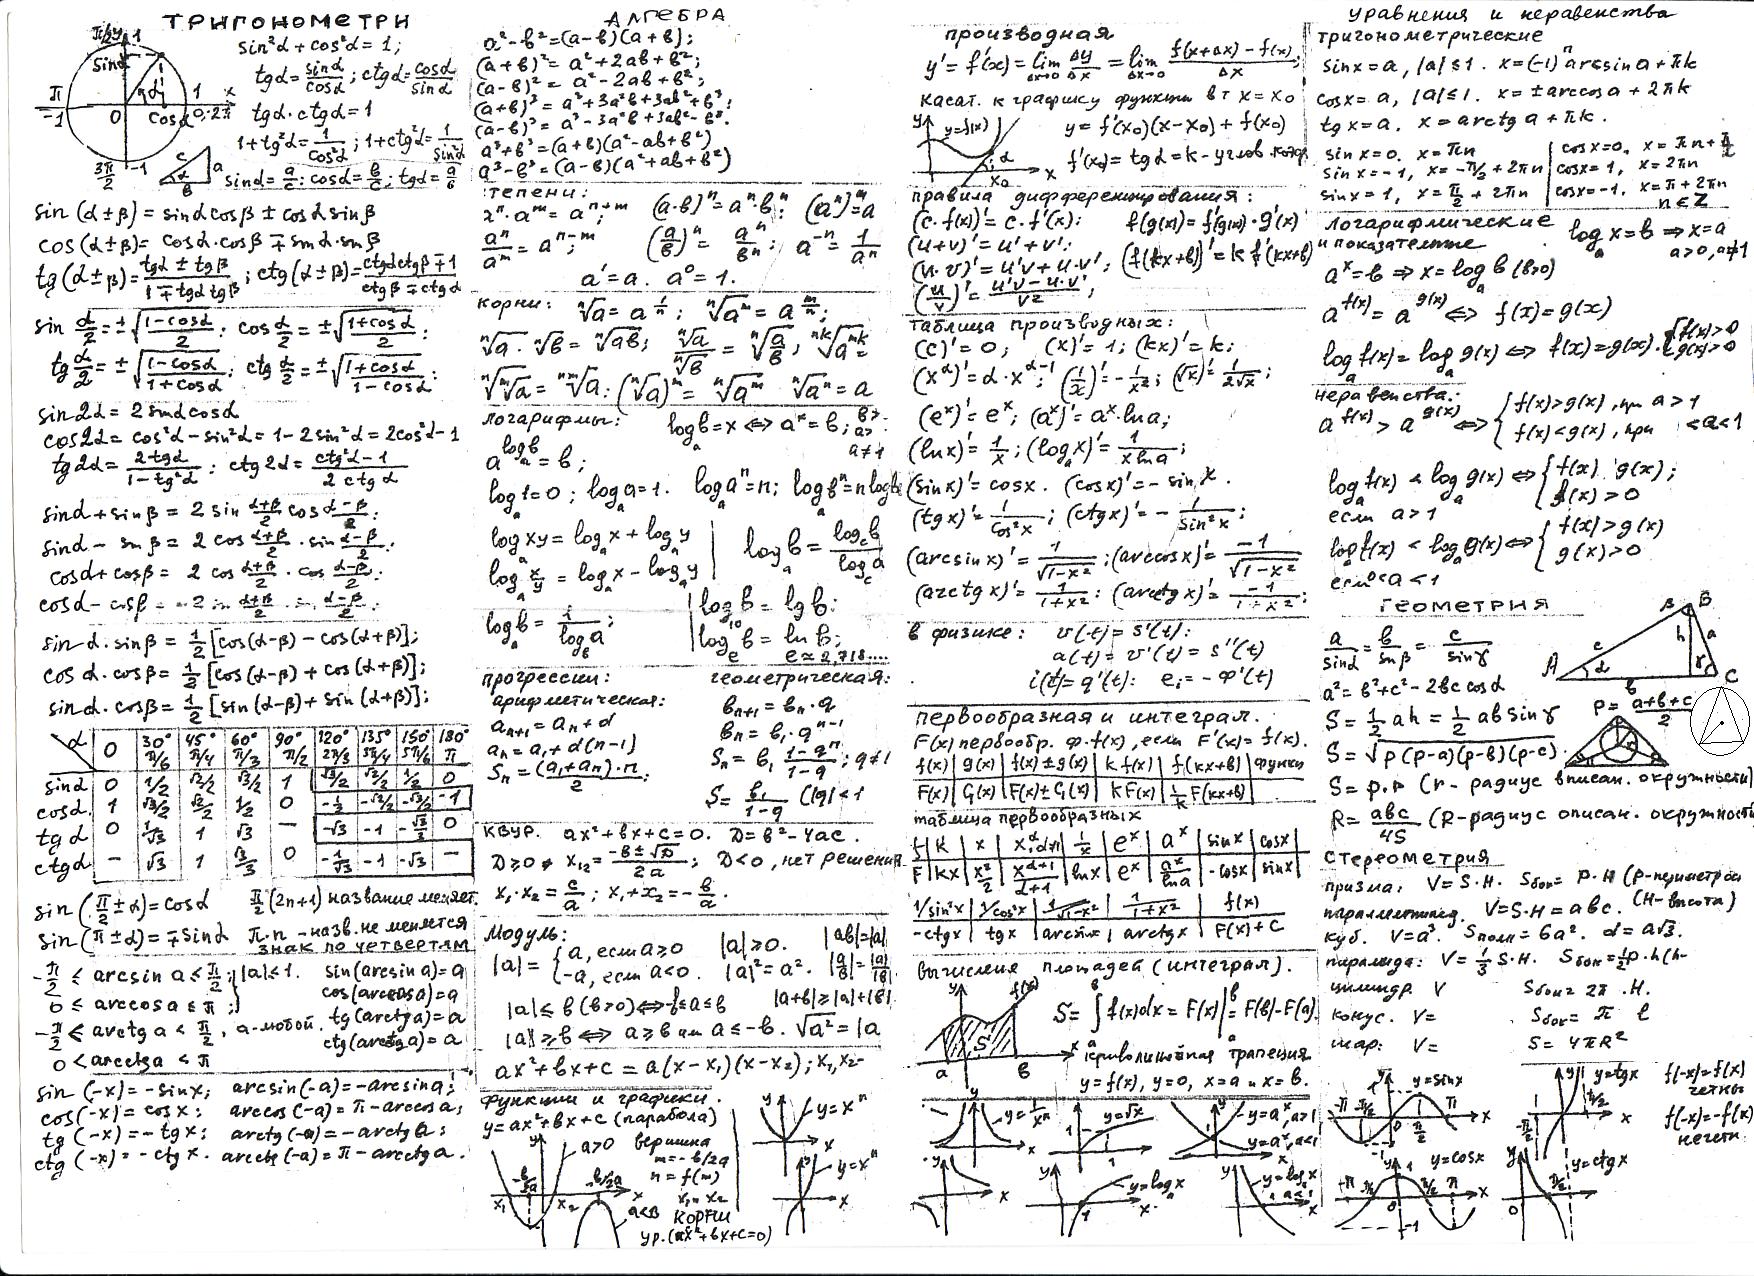 математике по выгнали шпаргалкой со